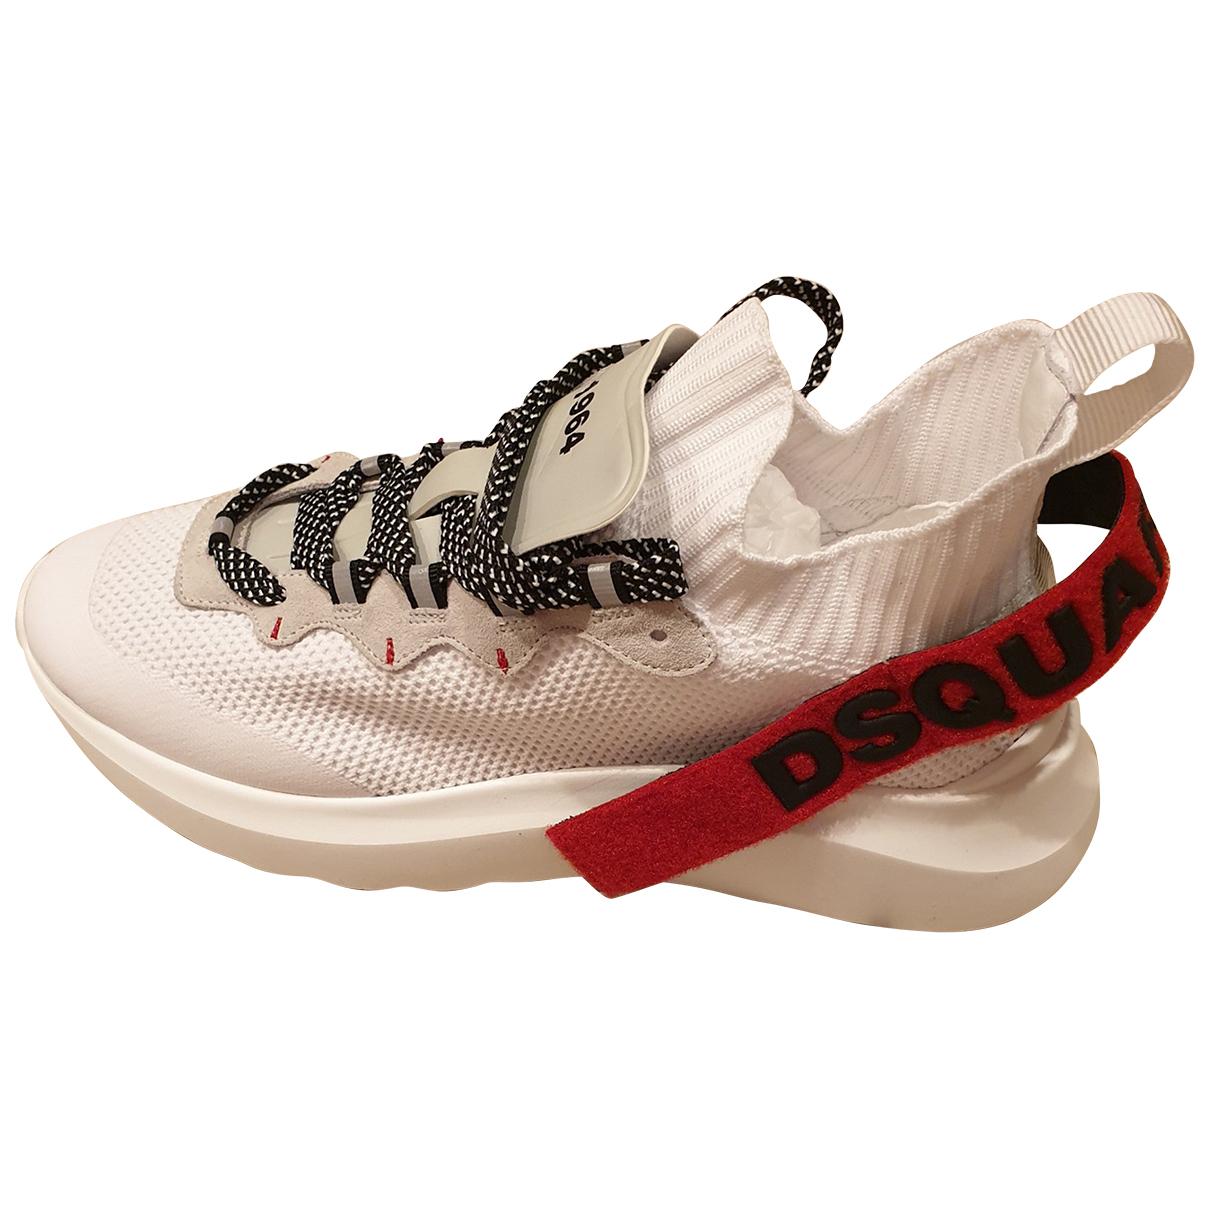 Dsquared2 - Baskets   pour homme en toile - blanc